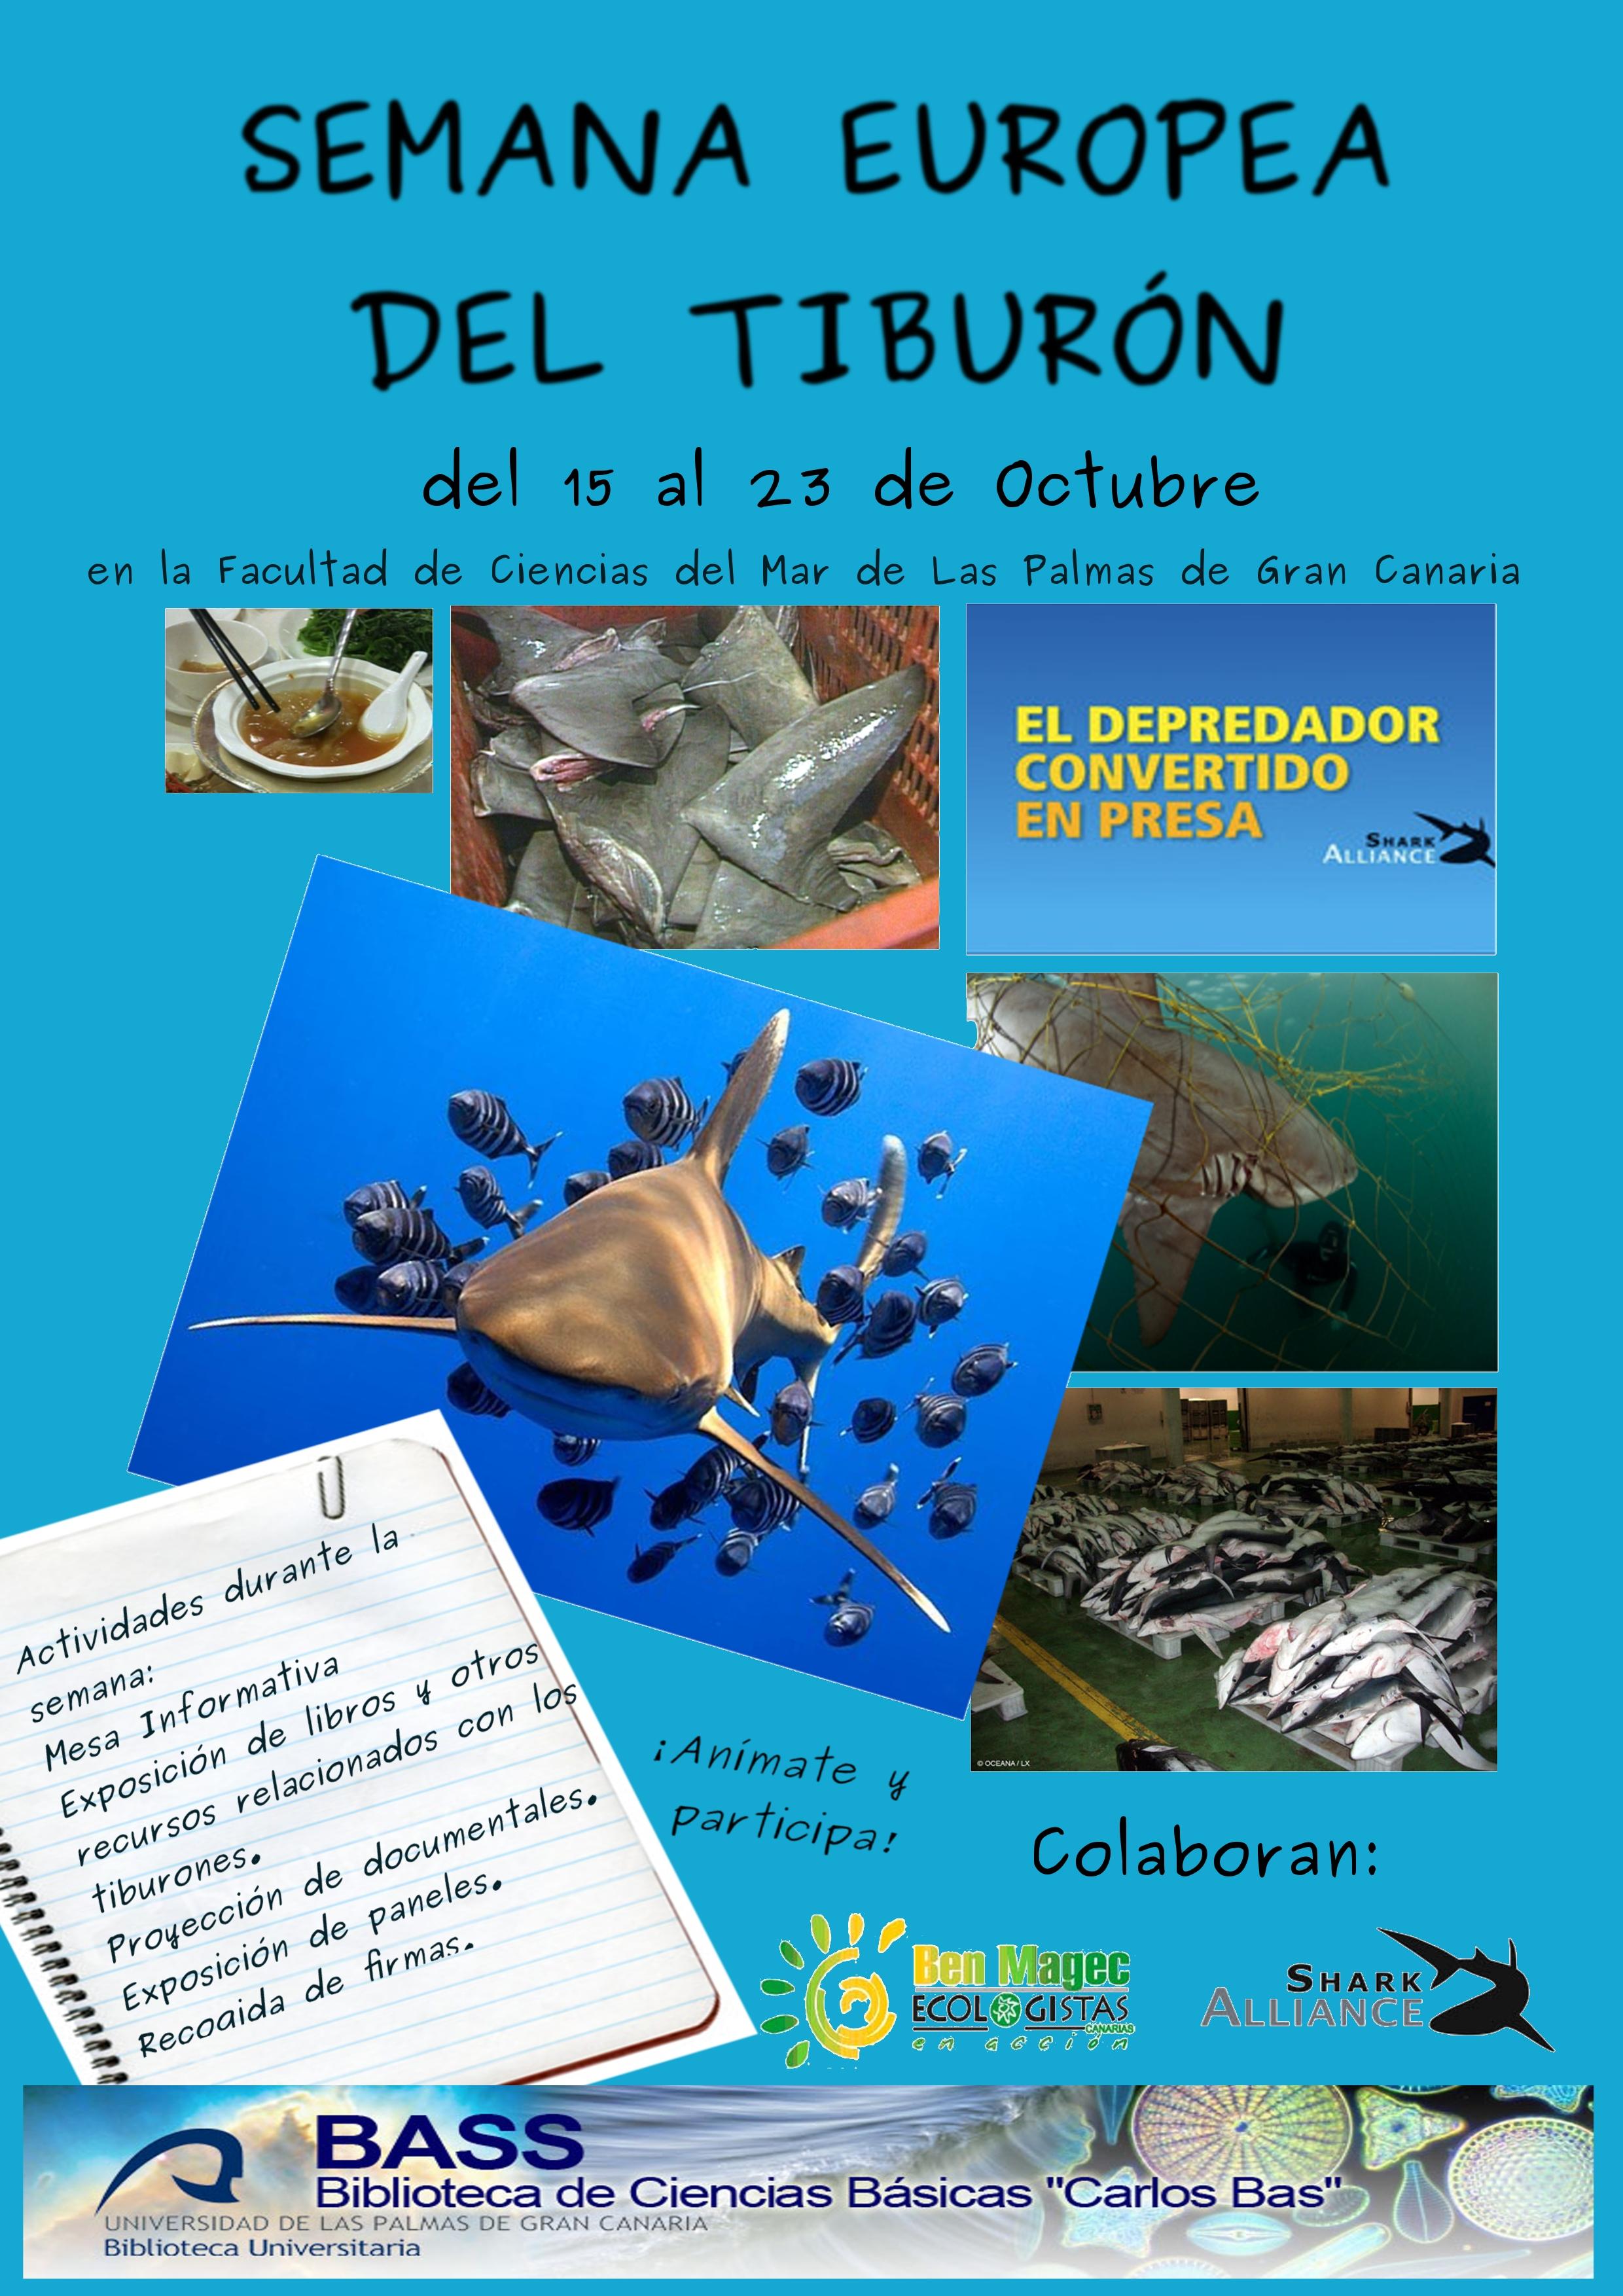 Semana Europea del Tiburón 2011 en la Facultad de Ciencias del Mar (ULPGC)